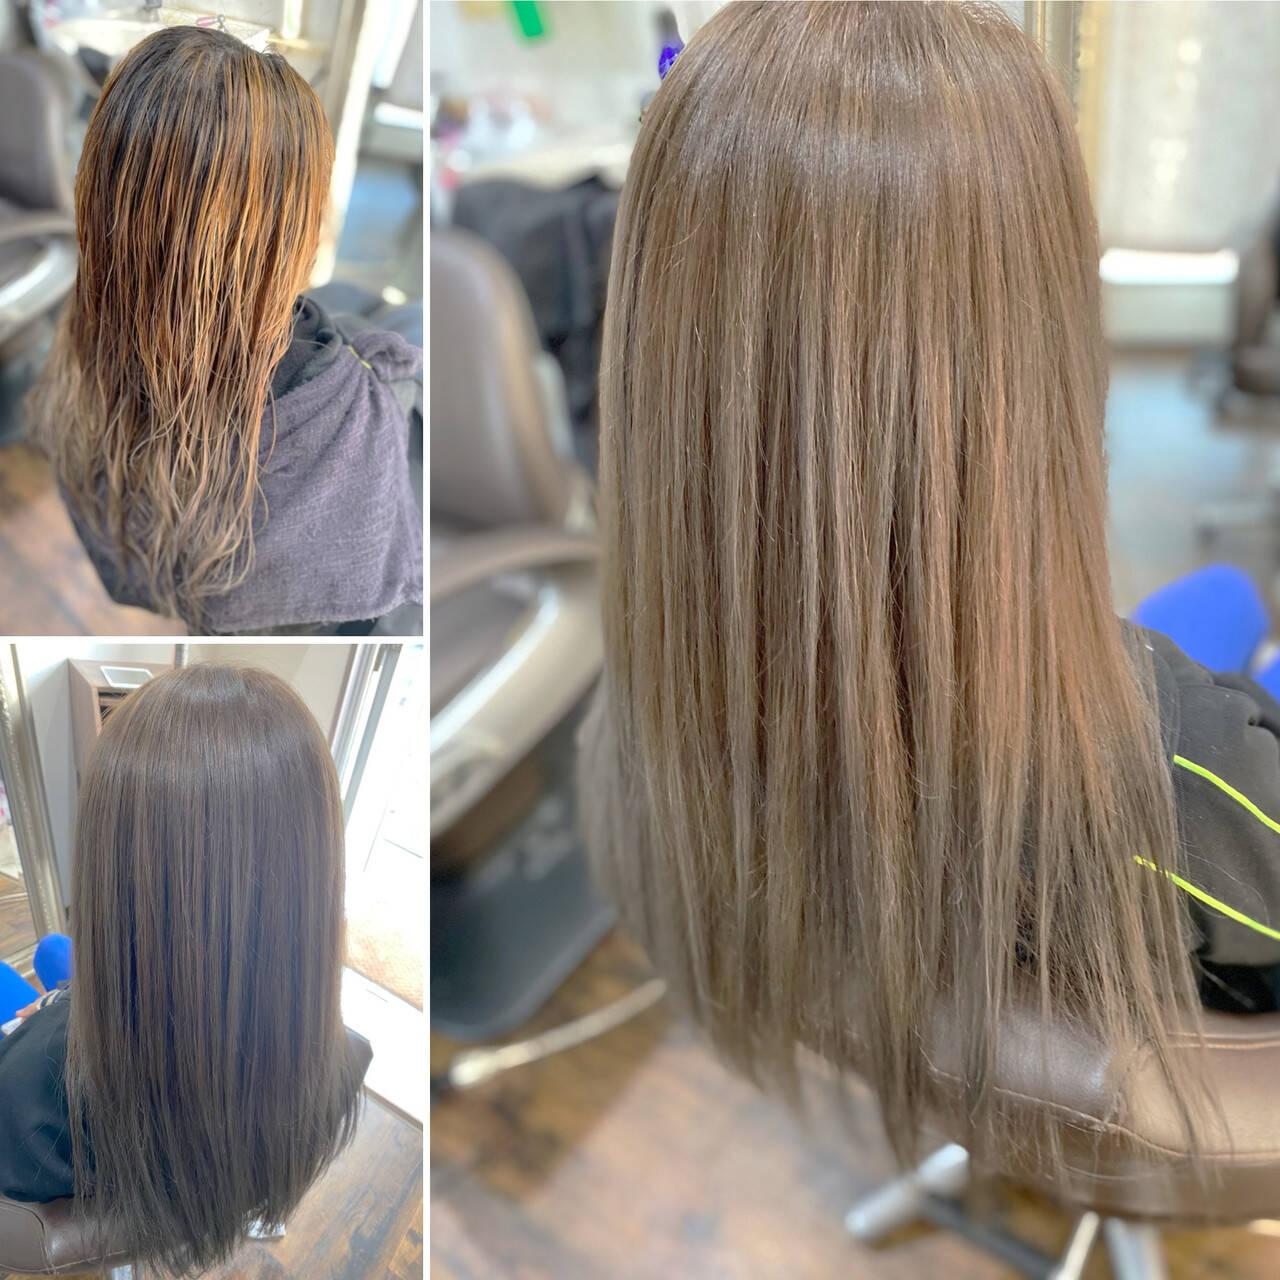 コンサバ 3Dハイライト レイヤーロングヘア ブリーチカラーヘアスタイルや髪型の写真・画像